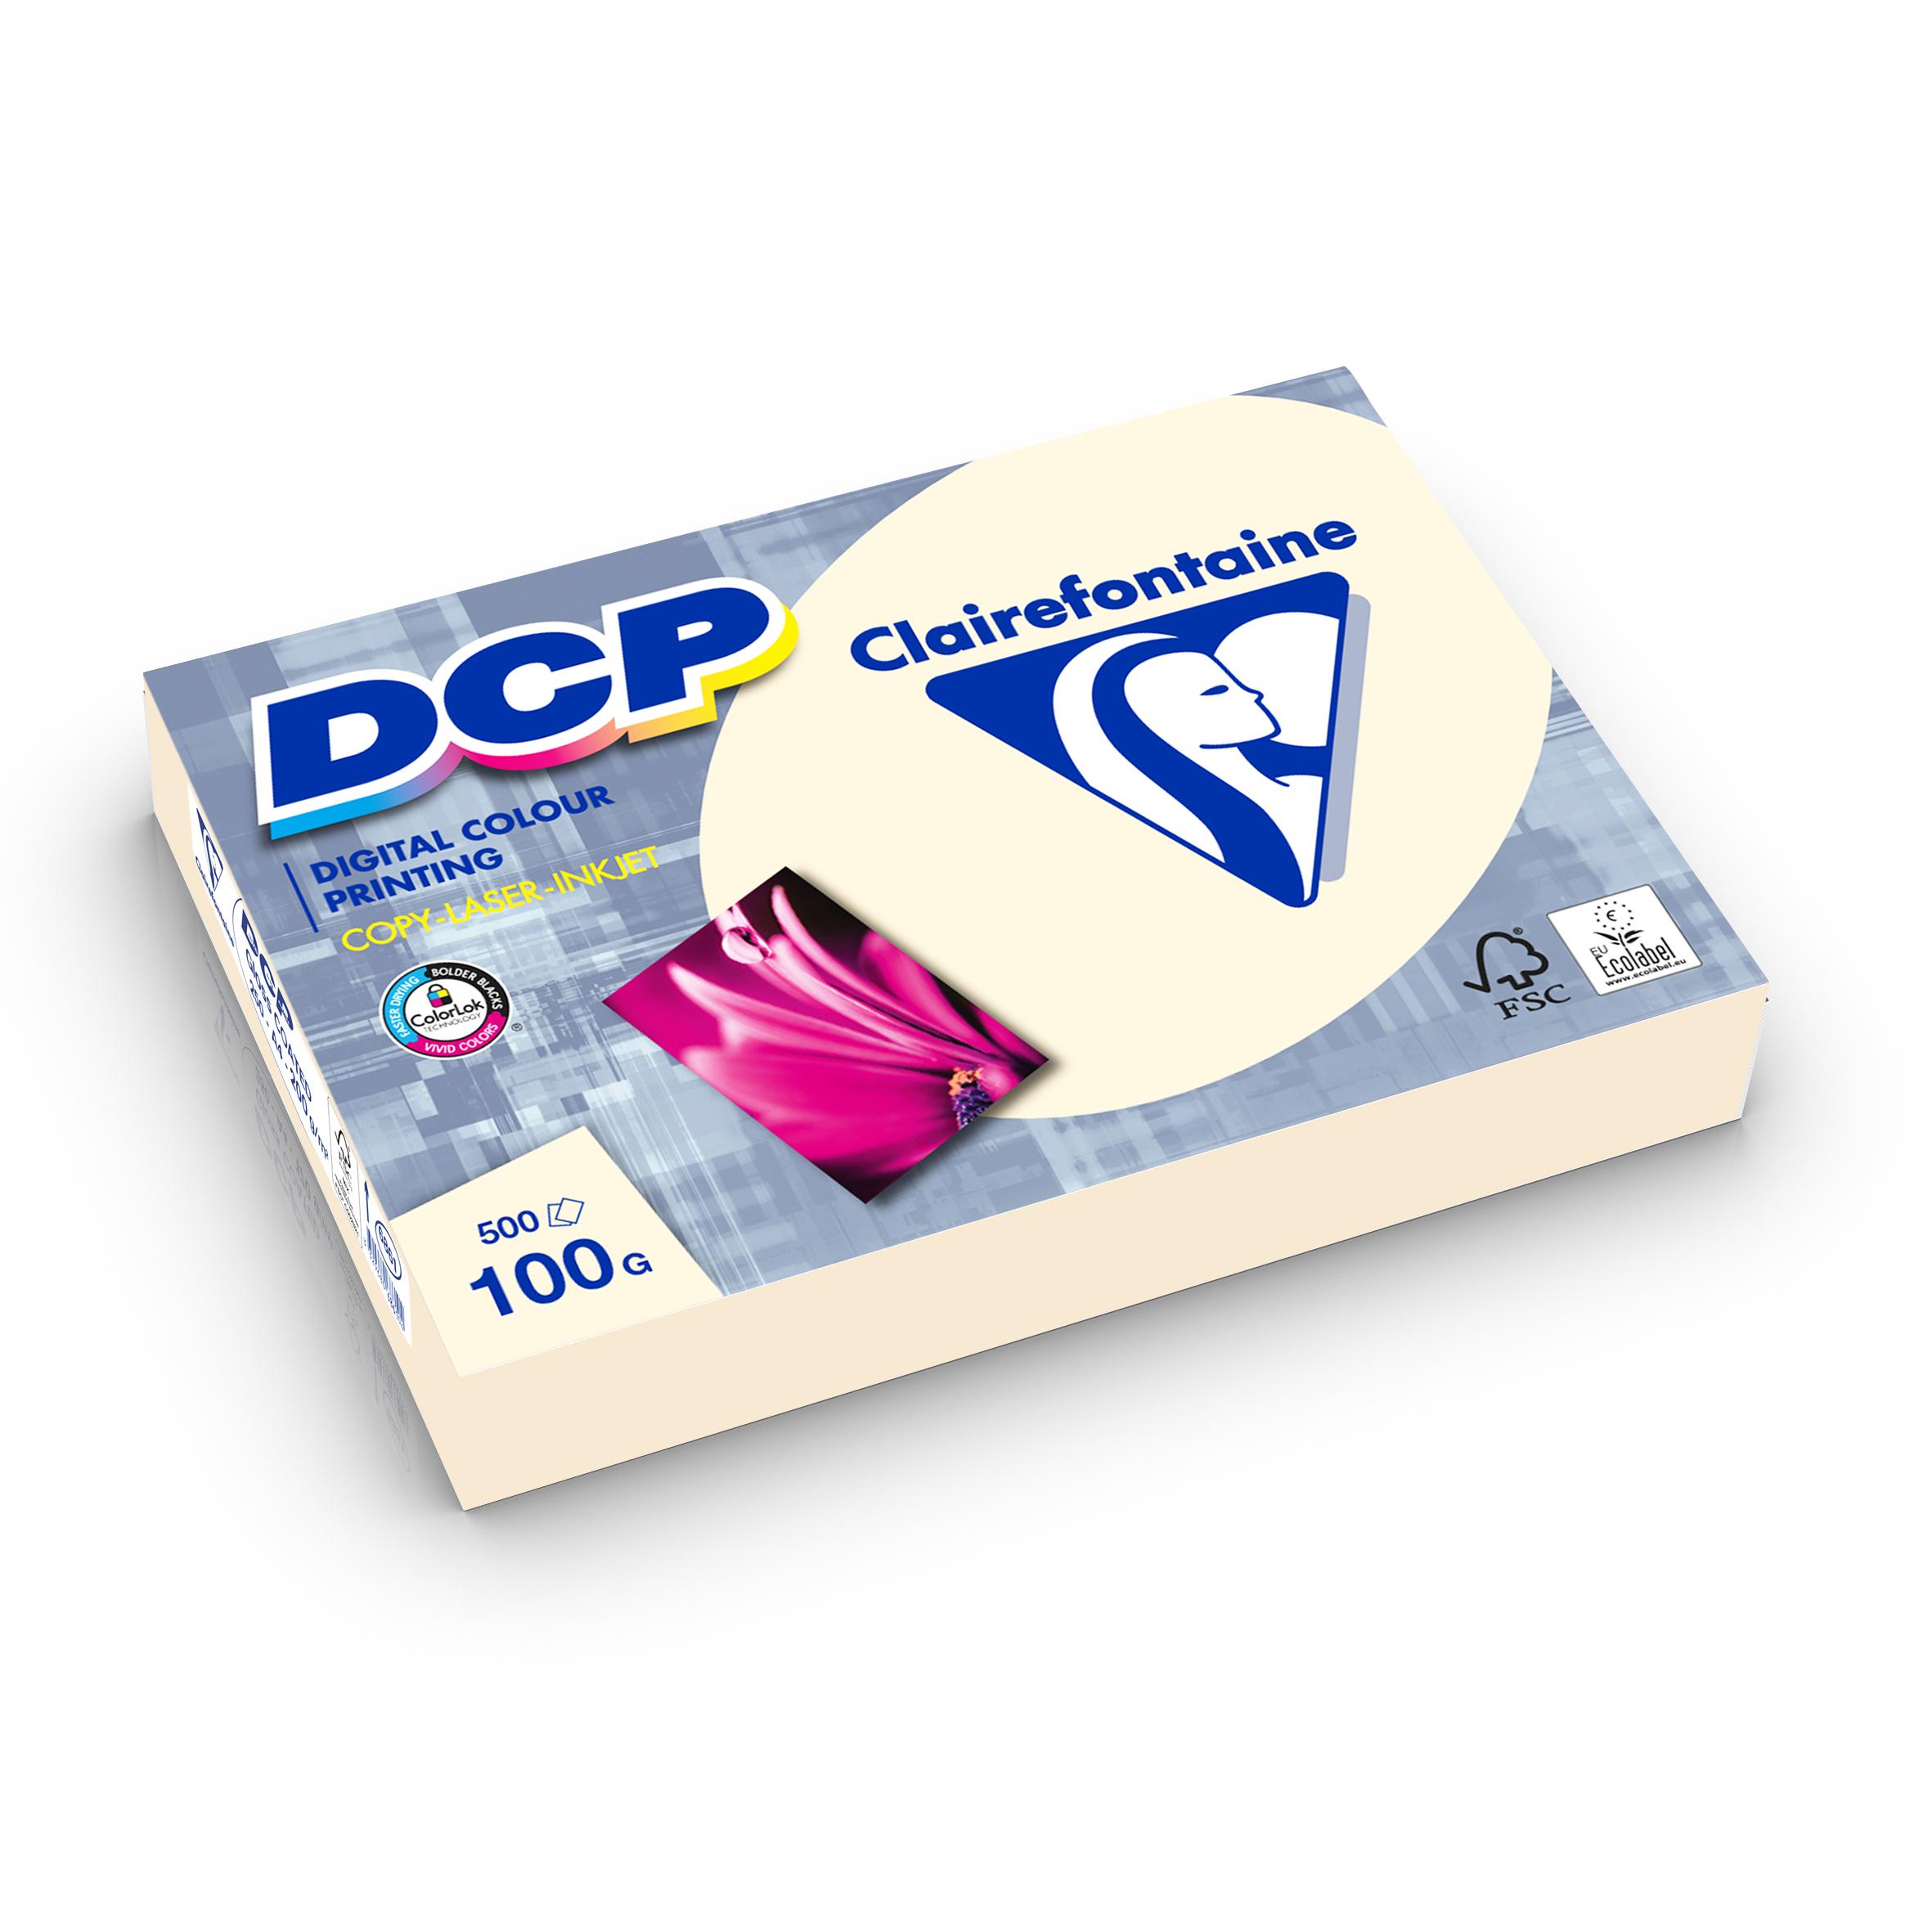 Vorschau: Clairefontaine DCP Ivory elfenbein digital color printing 100g/m² DIN-A3 500 Blatt 1862C